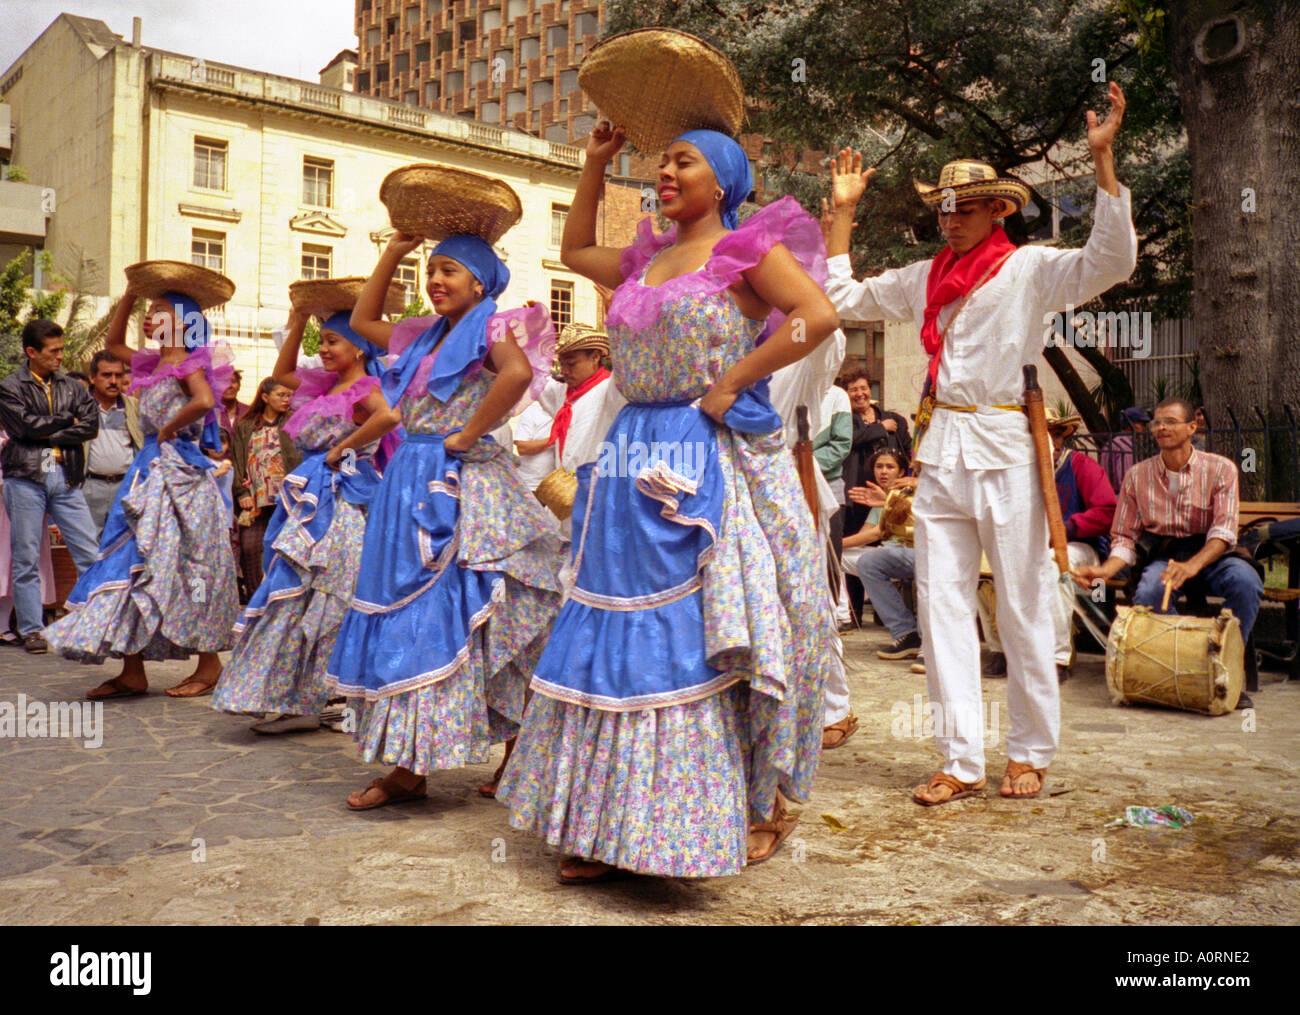 Lateinische Frauen schwarze Männer